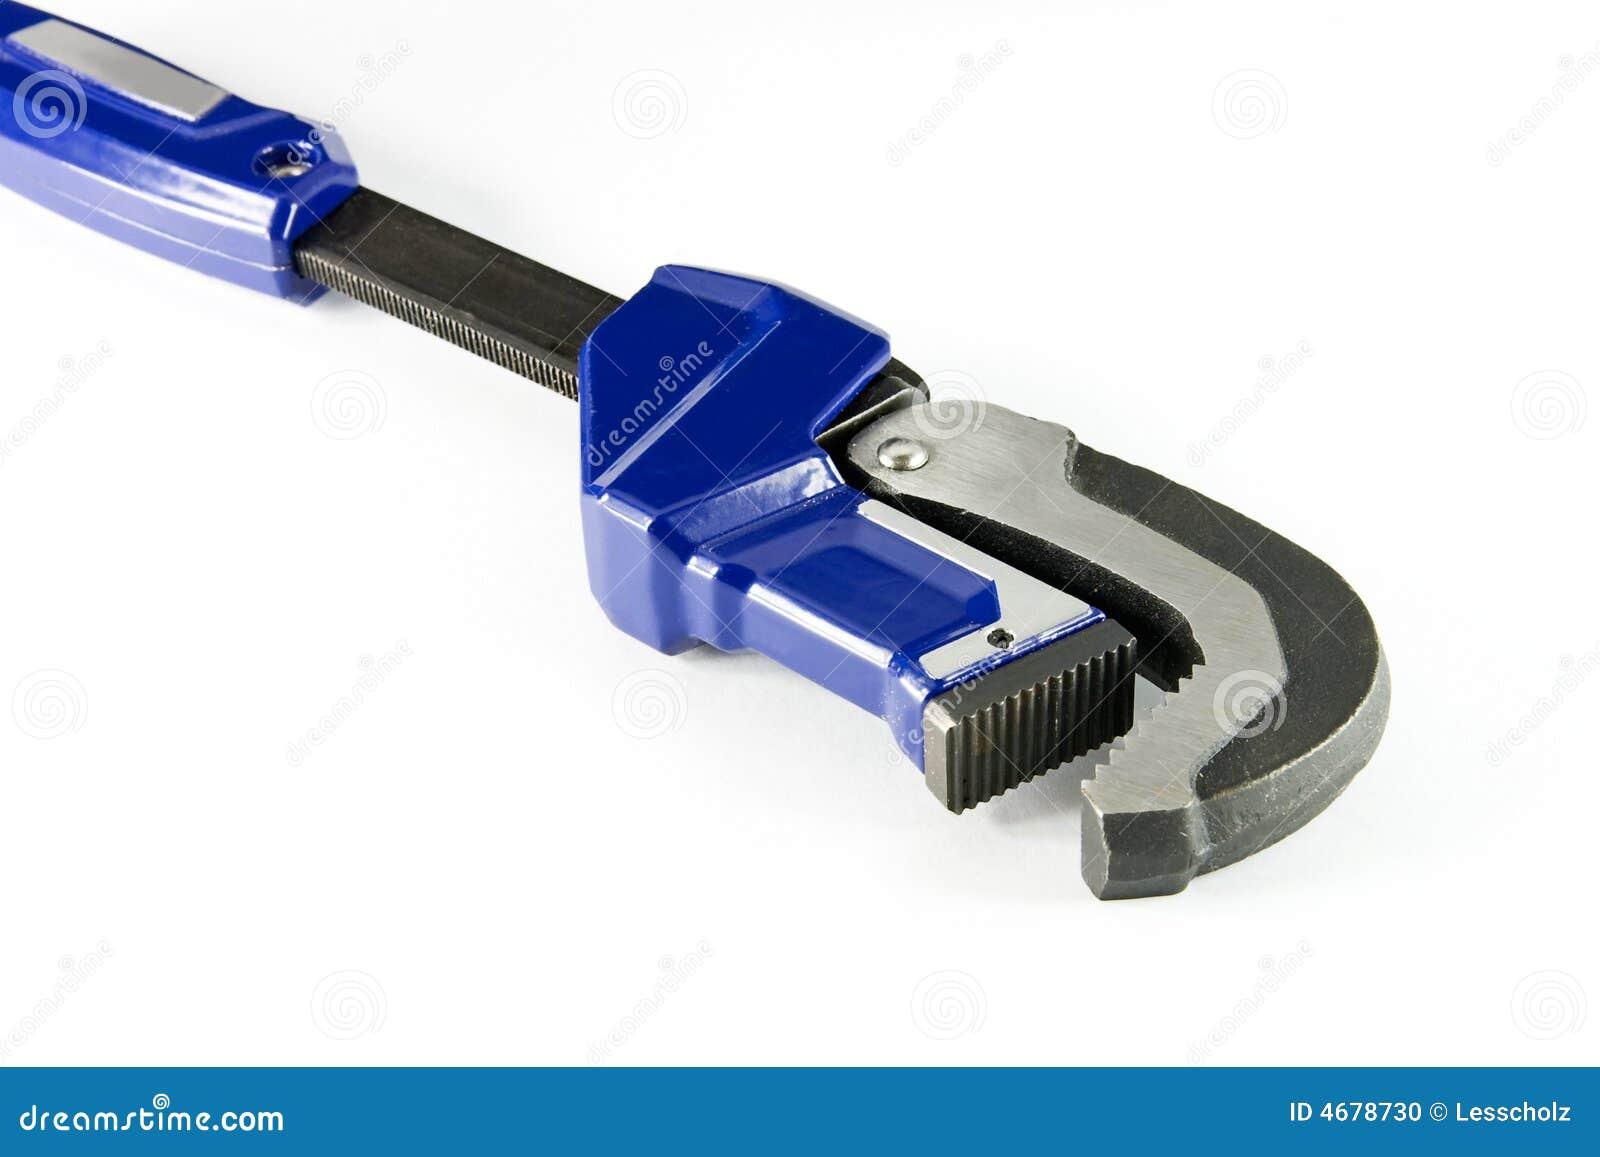 imagen de herramienta: